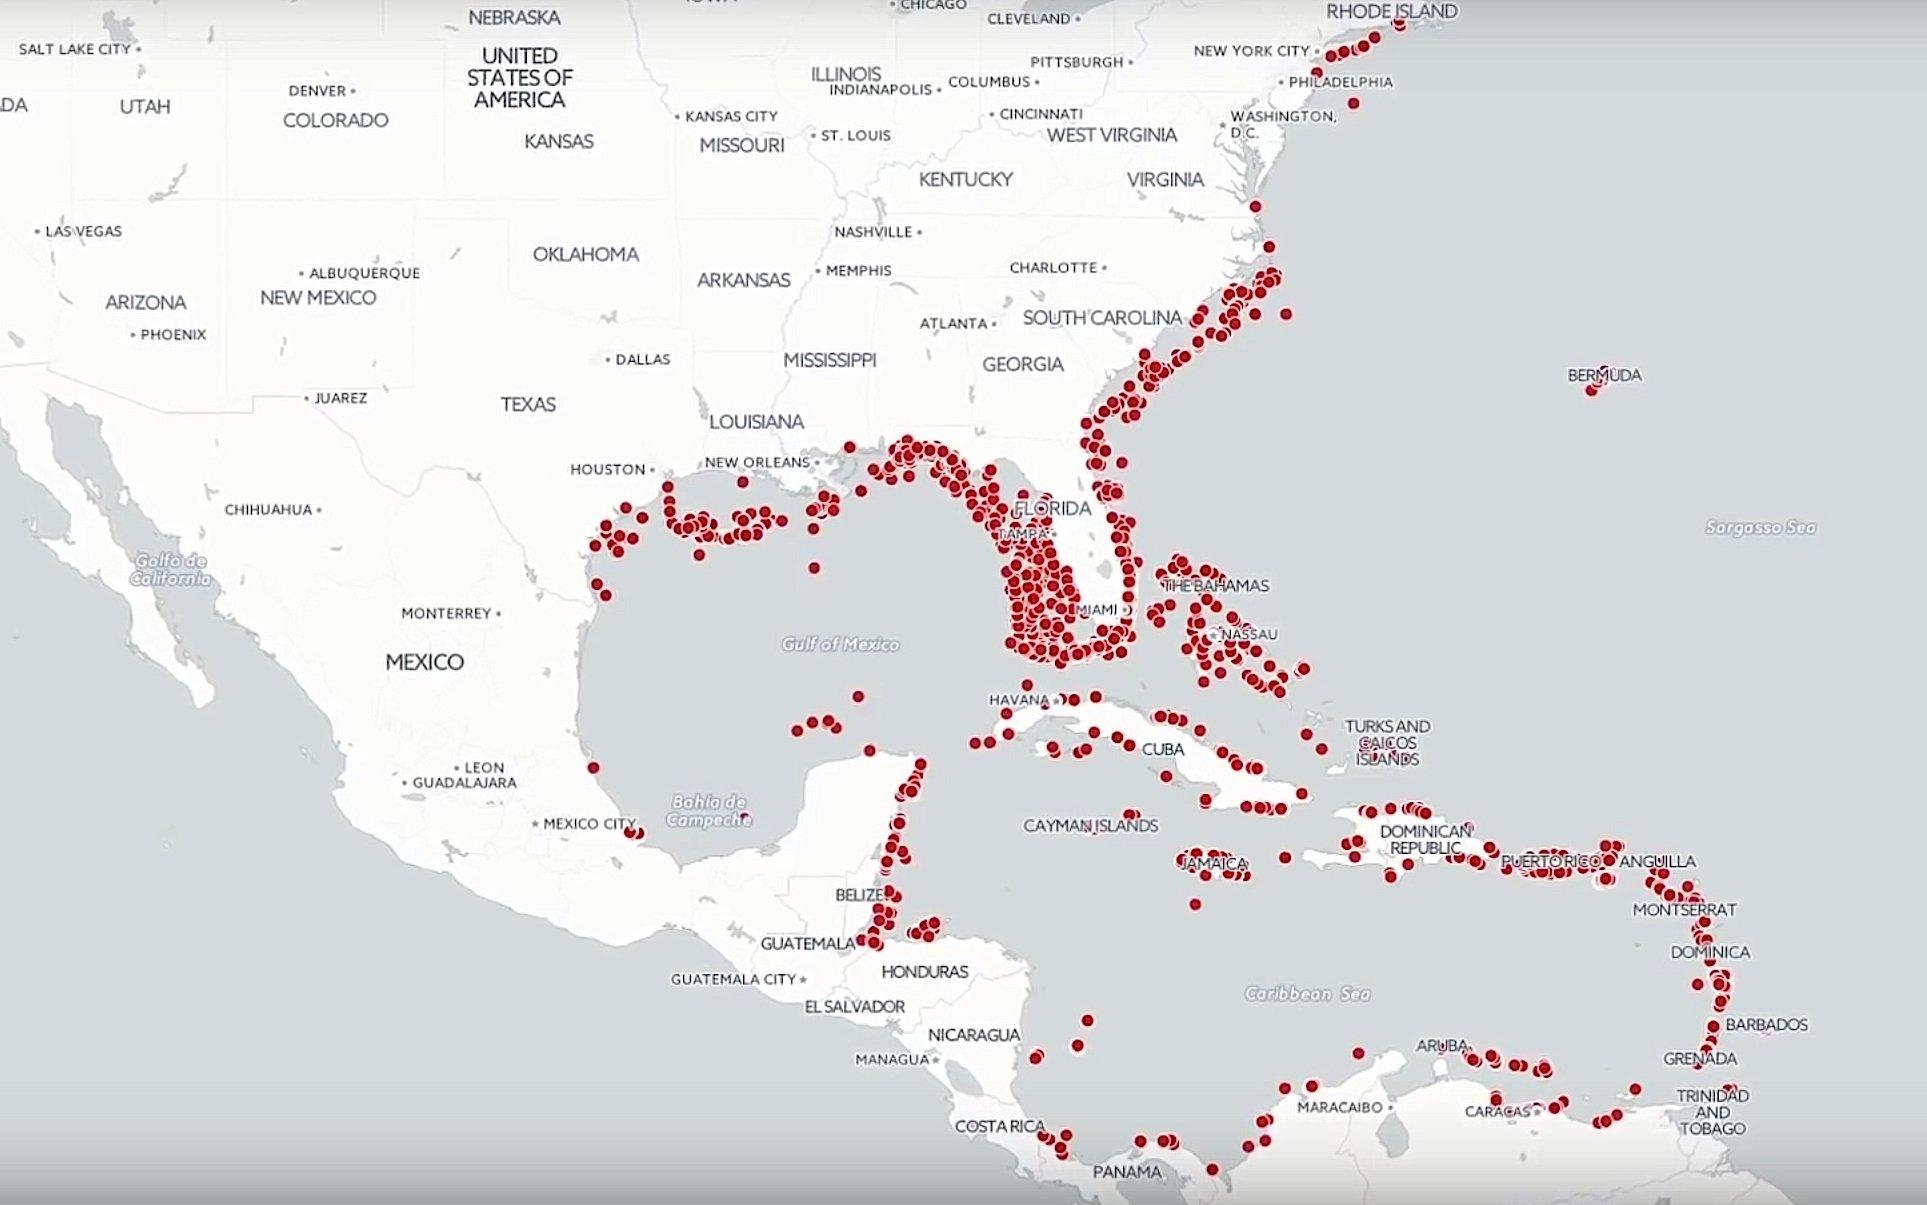 Die Rotfeuerfische breiten sich derzeit vor allem vor den Küsten der Karibik und der südlichen US-Bundesstaaten aus und verdrängen dabei einheimische Fischarten. Inzwischen wurden sie auch schon im Mittelmeer gesichtet.